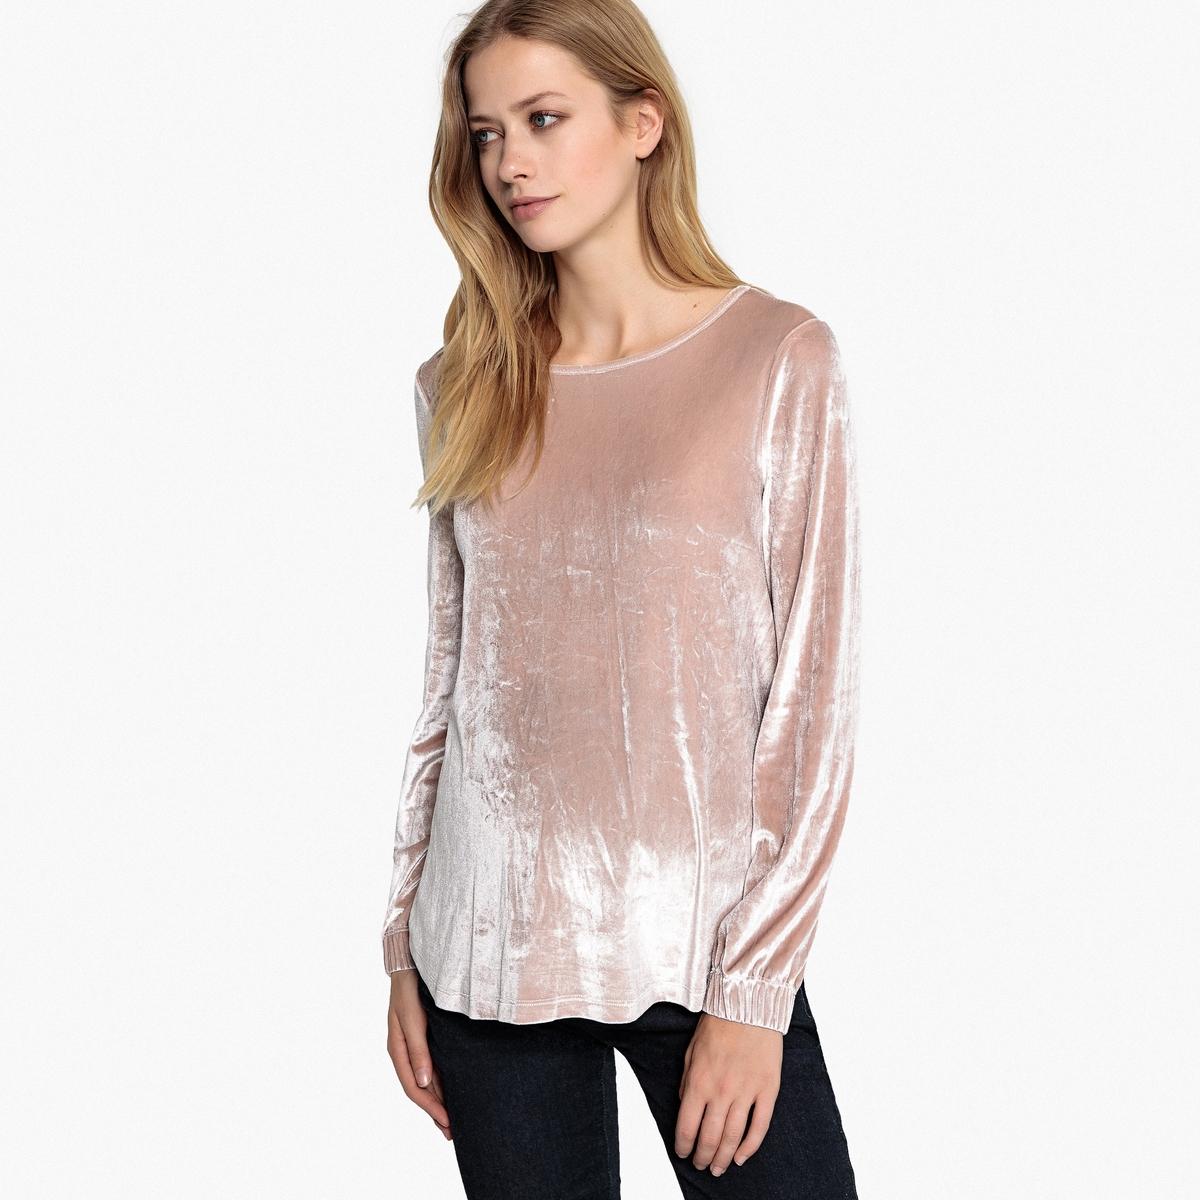 Лонгслив La Redoute С длинными рукавами из велюра для периода беременности S розовый пижама la redoute из велюра с принтом спереди мес 3 года 94 см розовый